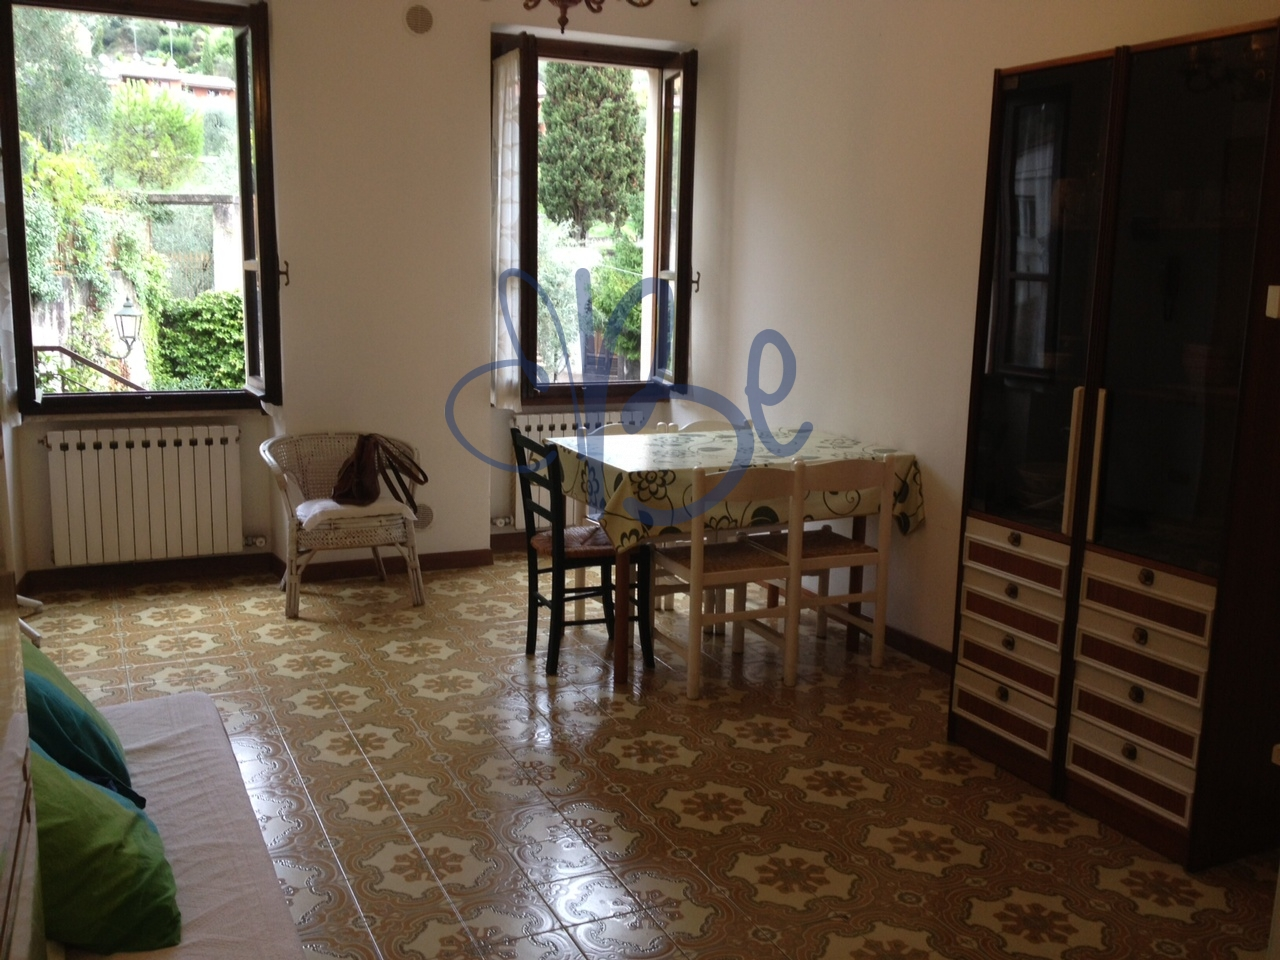 Appartamento in affitto a Gardone Riviera, 2 locali, zona Località: GardoneSopra, prezzo € 400   Cambio Casa.it